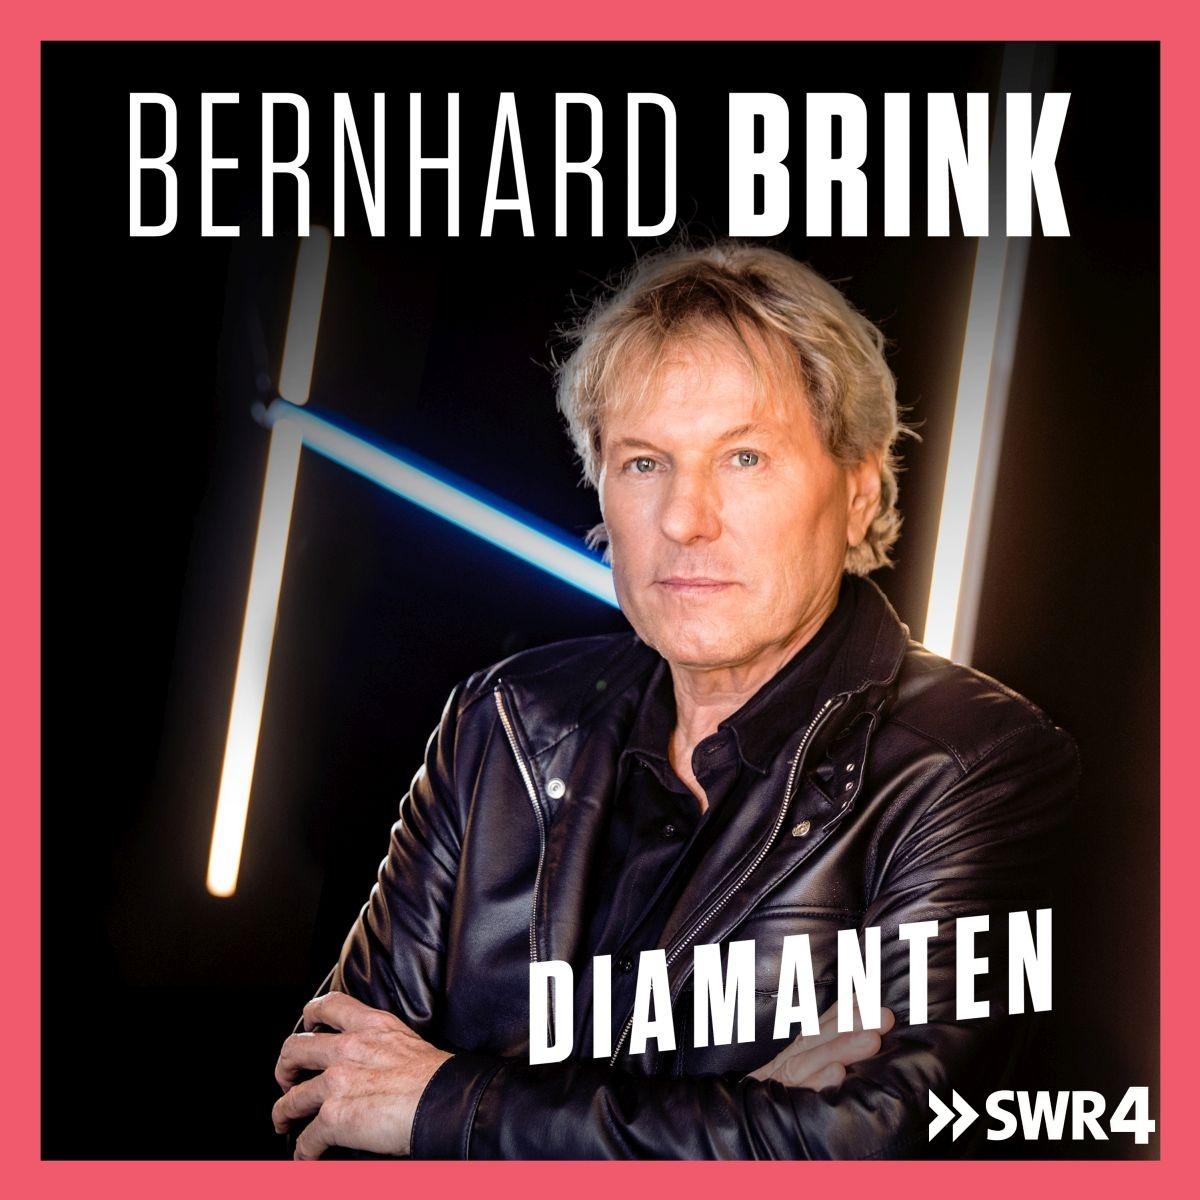 Diamanten (Foto: )